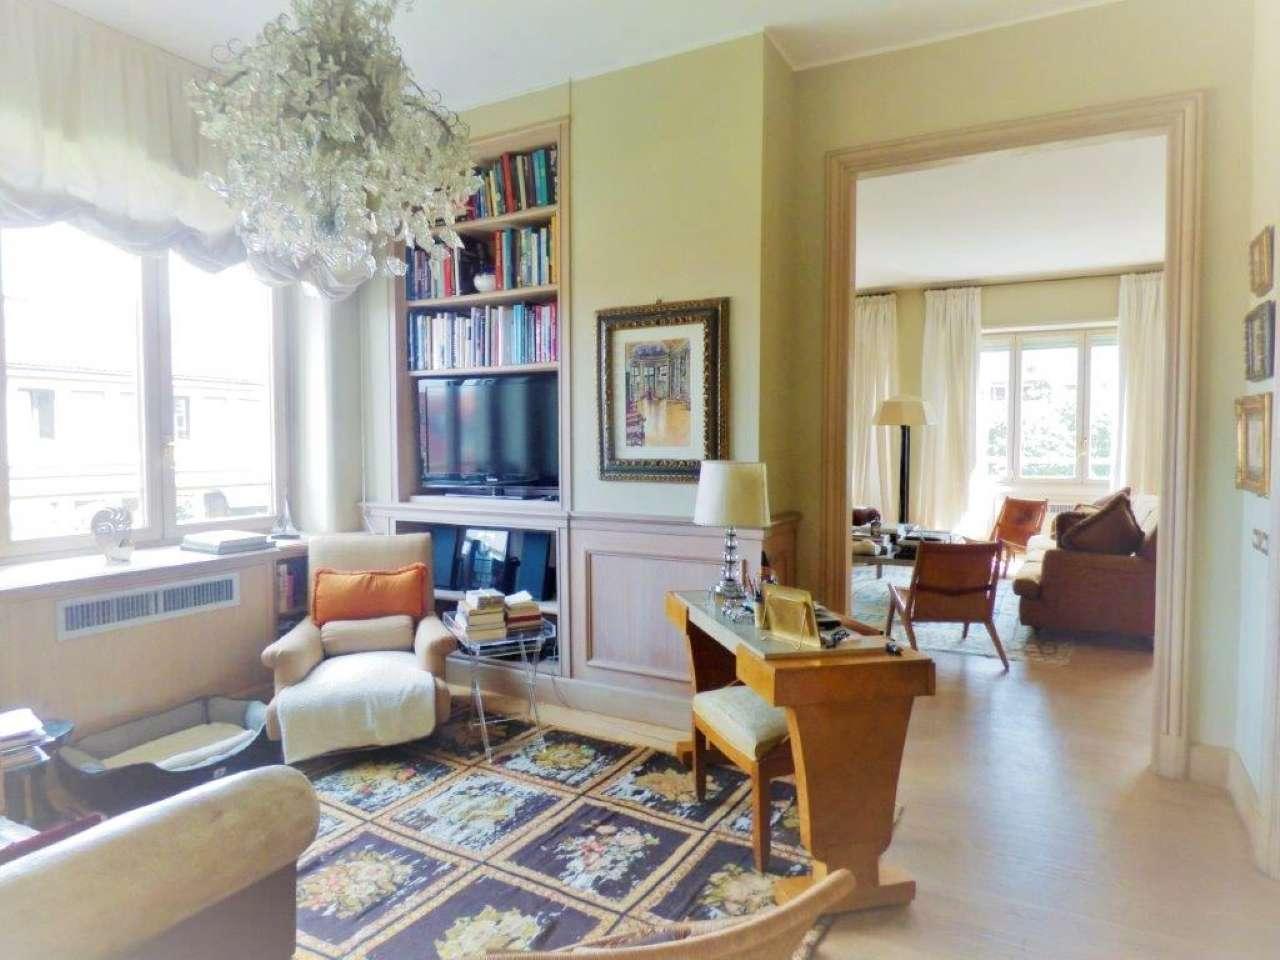 Appartamento in Vendita a Milano 01 Centro storico (Cerchia dei Navigli): 5 locali, 260 mq